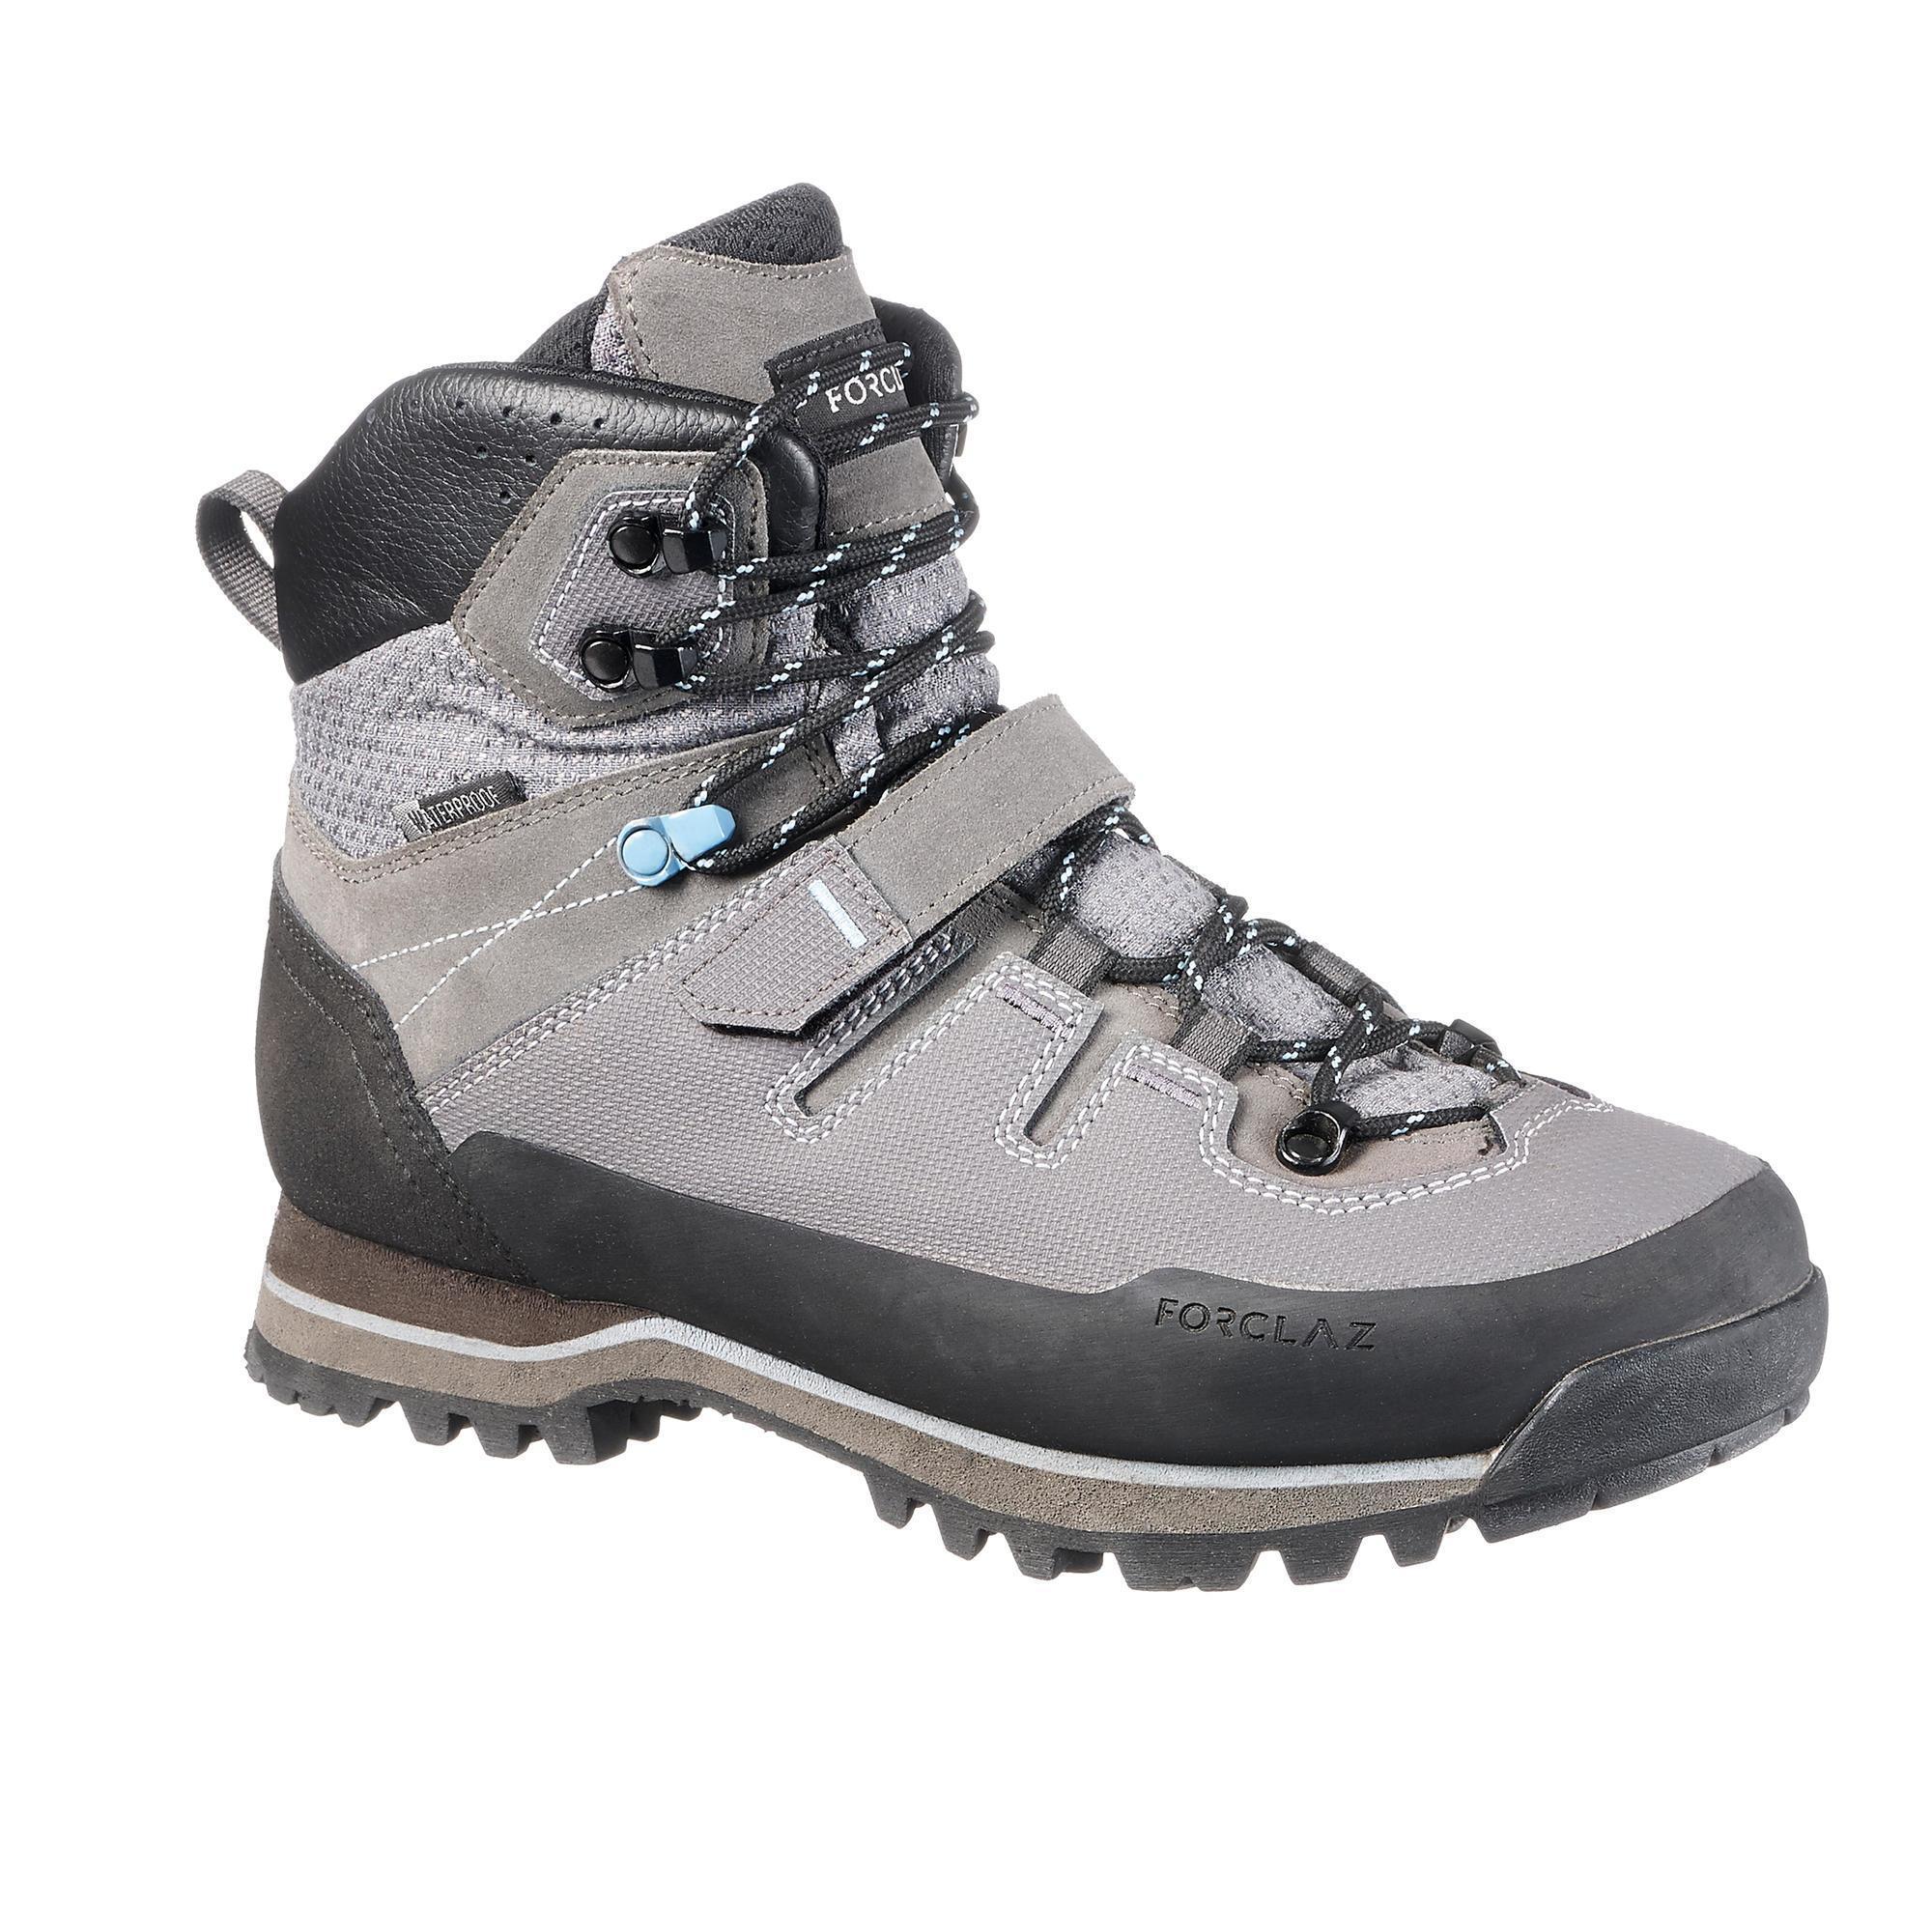 2558188 Forclaz Trekkingschoenen Trek 700 voor dames